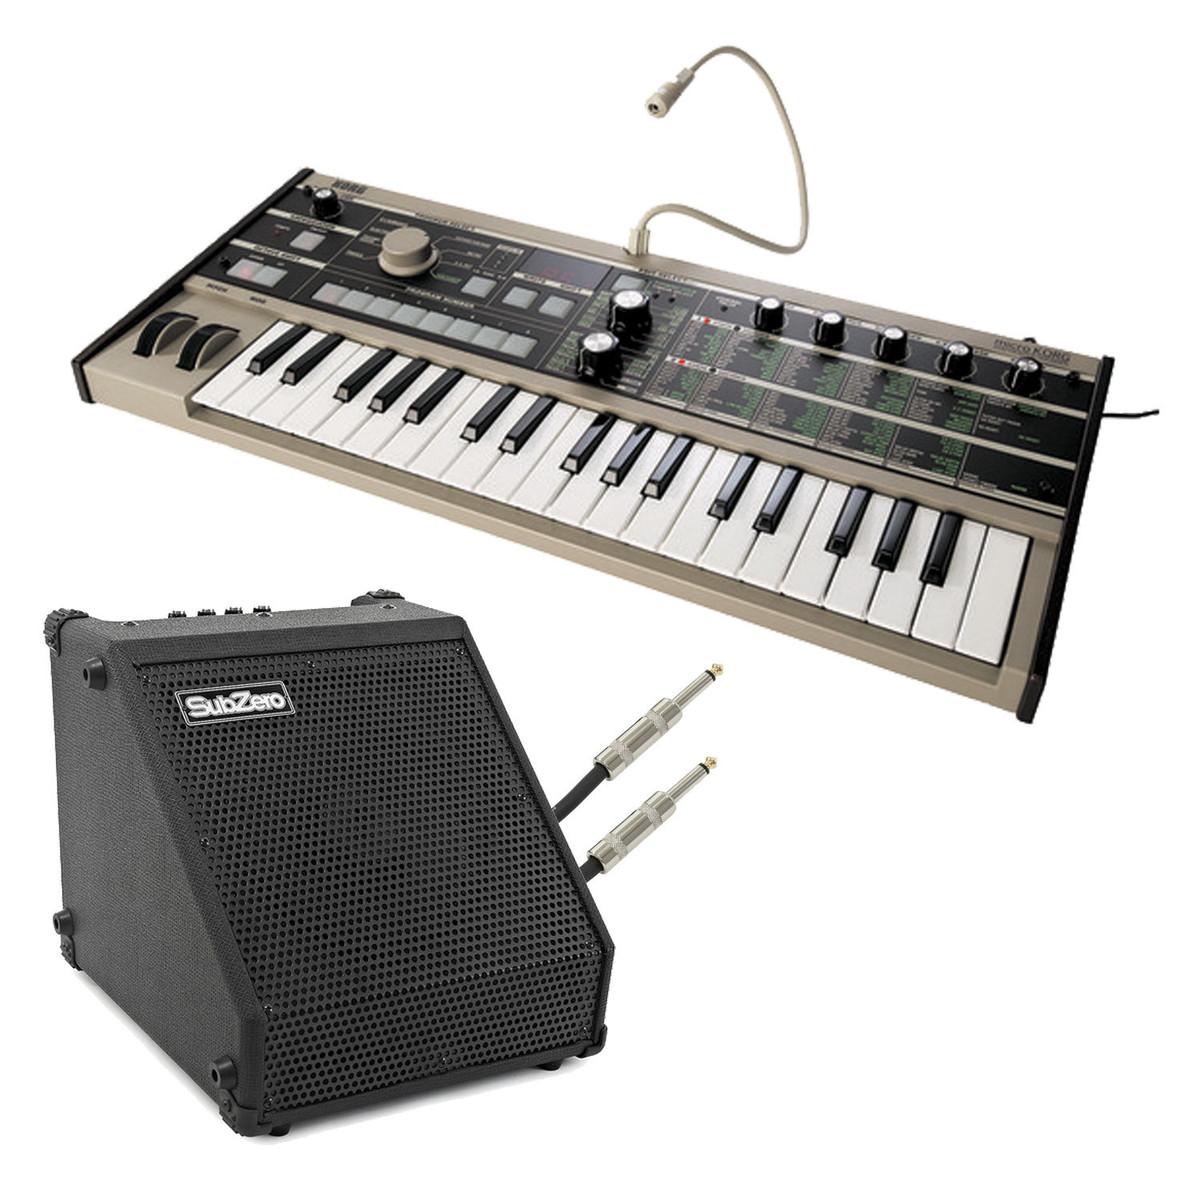 Image of Korg microKORG Synthesizer & SubZero DR-30 Amp